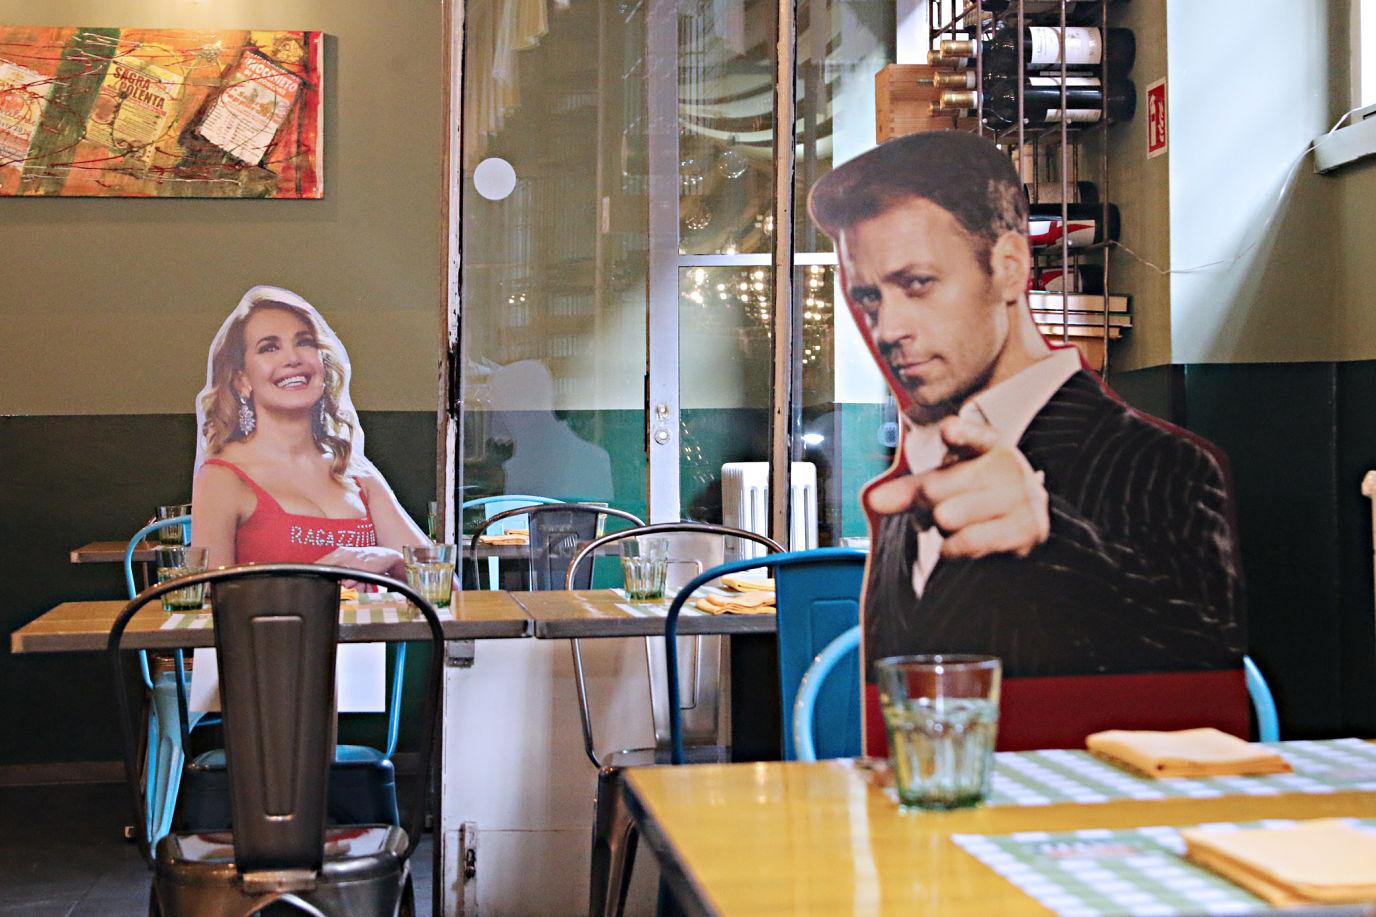 Fantasia nella riapertura dei ristoranti: l'idea del Consorzio Stoppani di Milano, con i cartonati di personaggi famosi al posto dei coperti inutilizzabili.